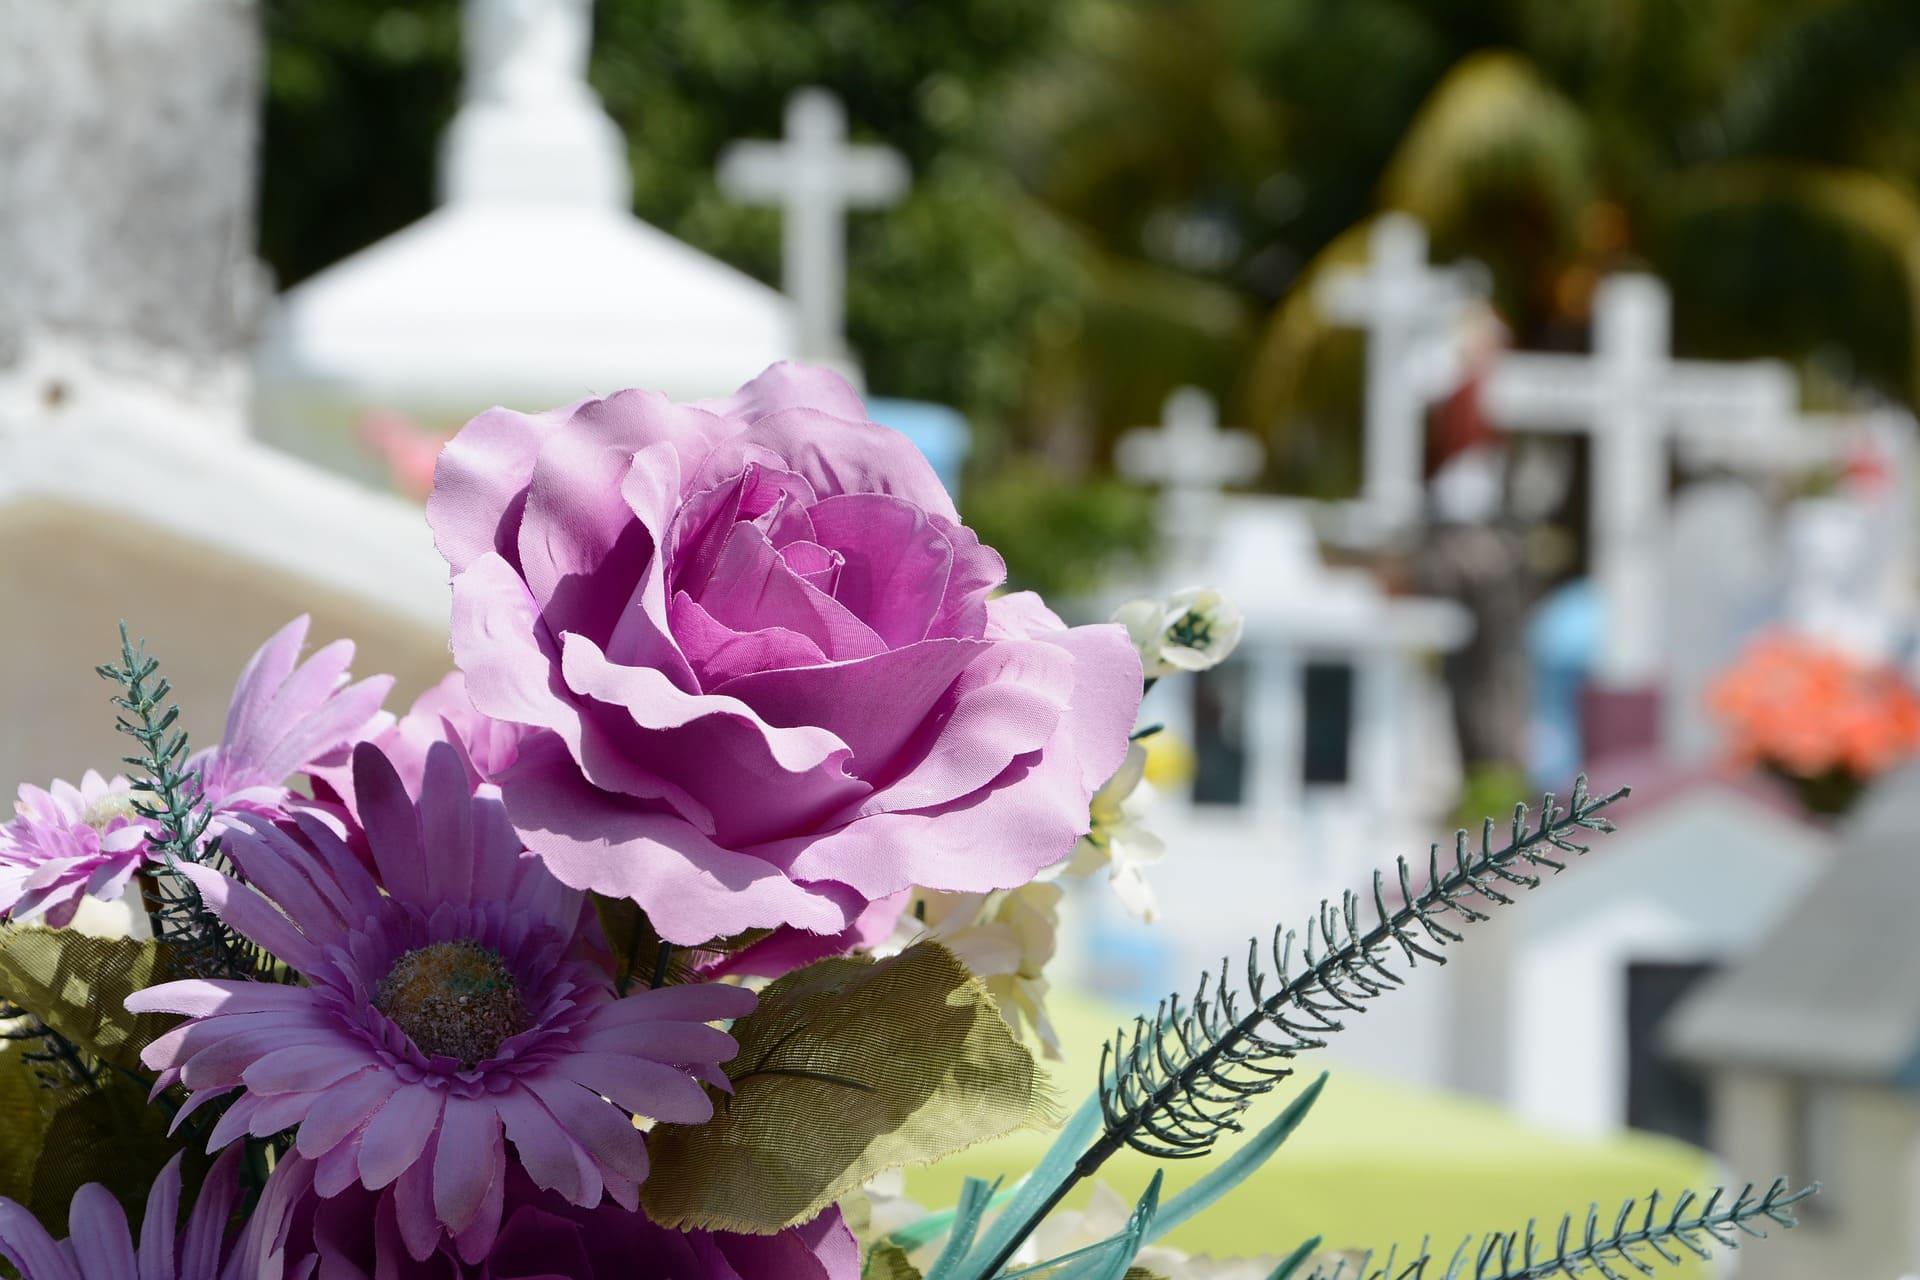 Zasiłek pogrzebowy dla osoby nieubezpieczonej